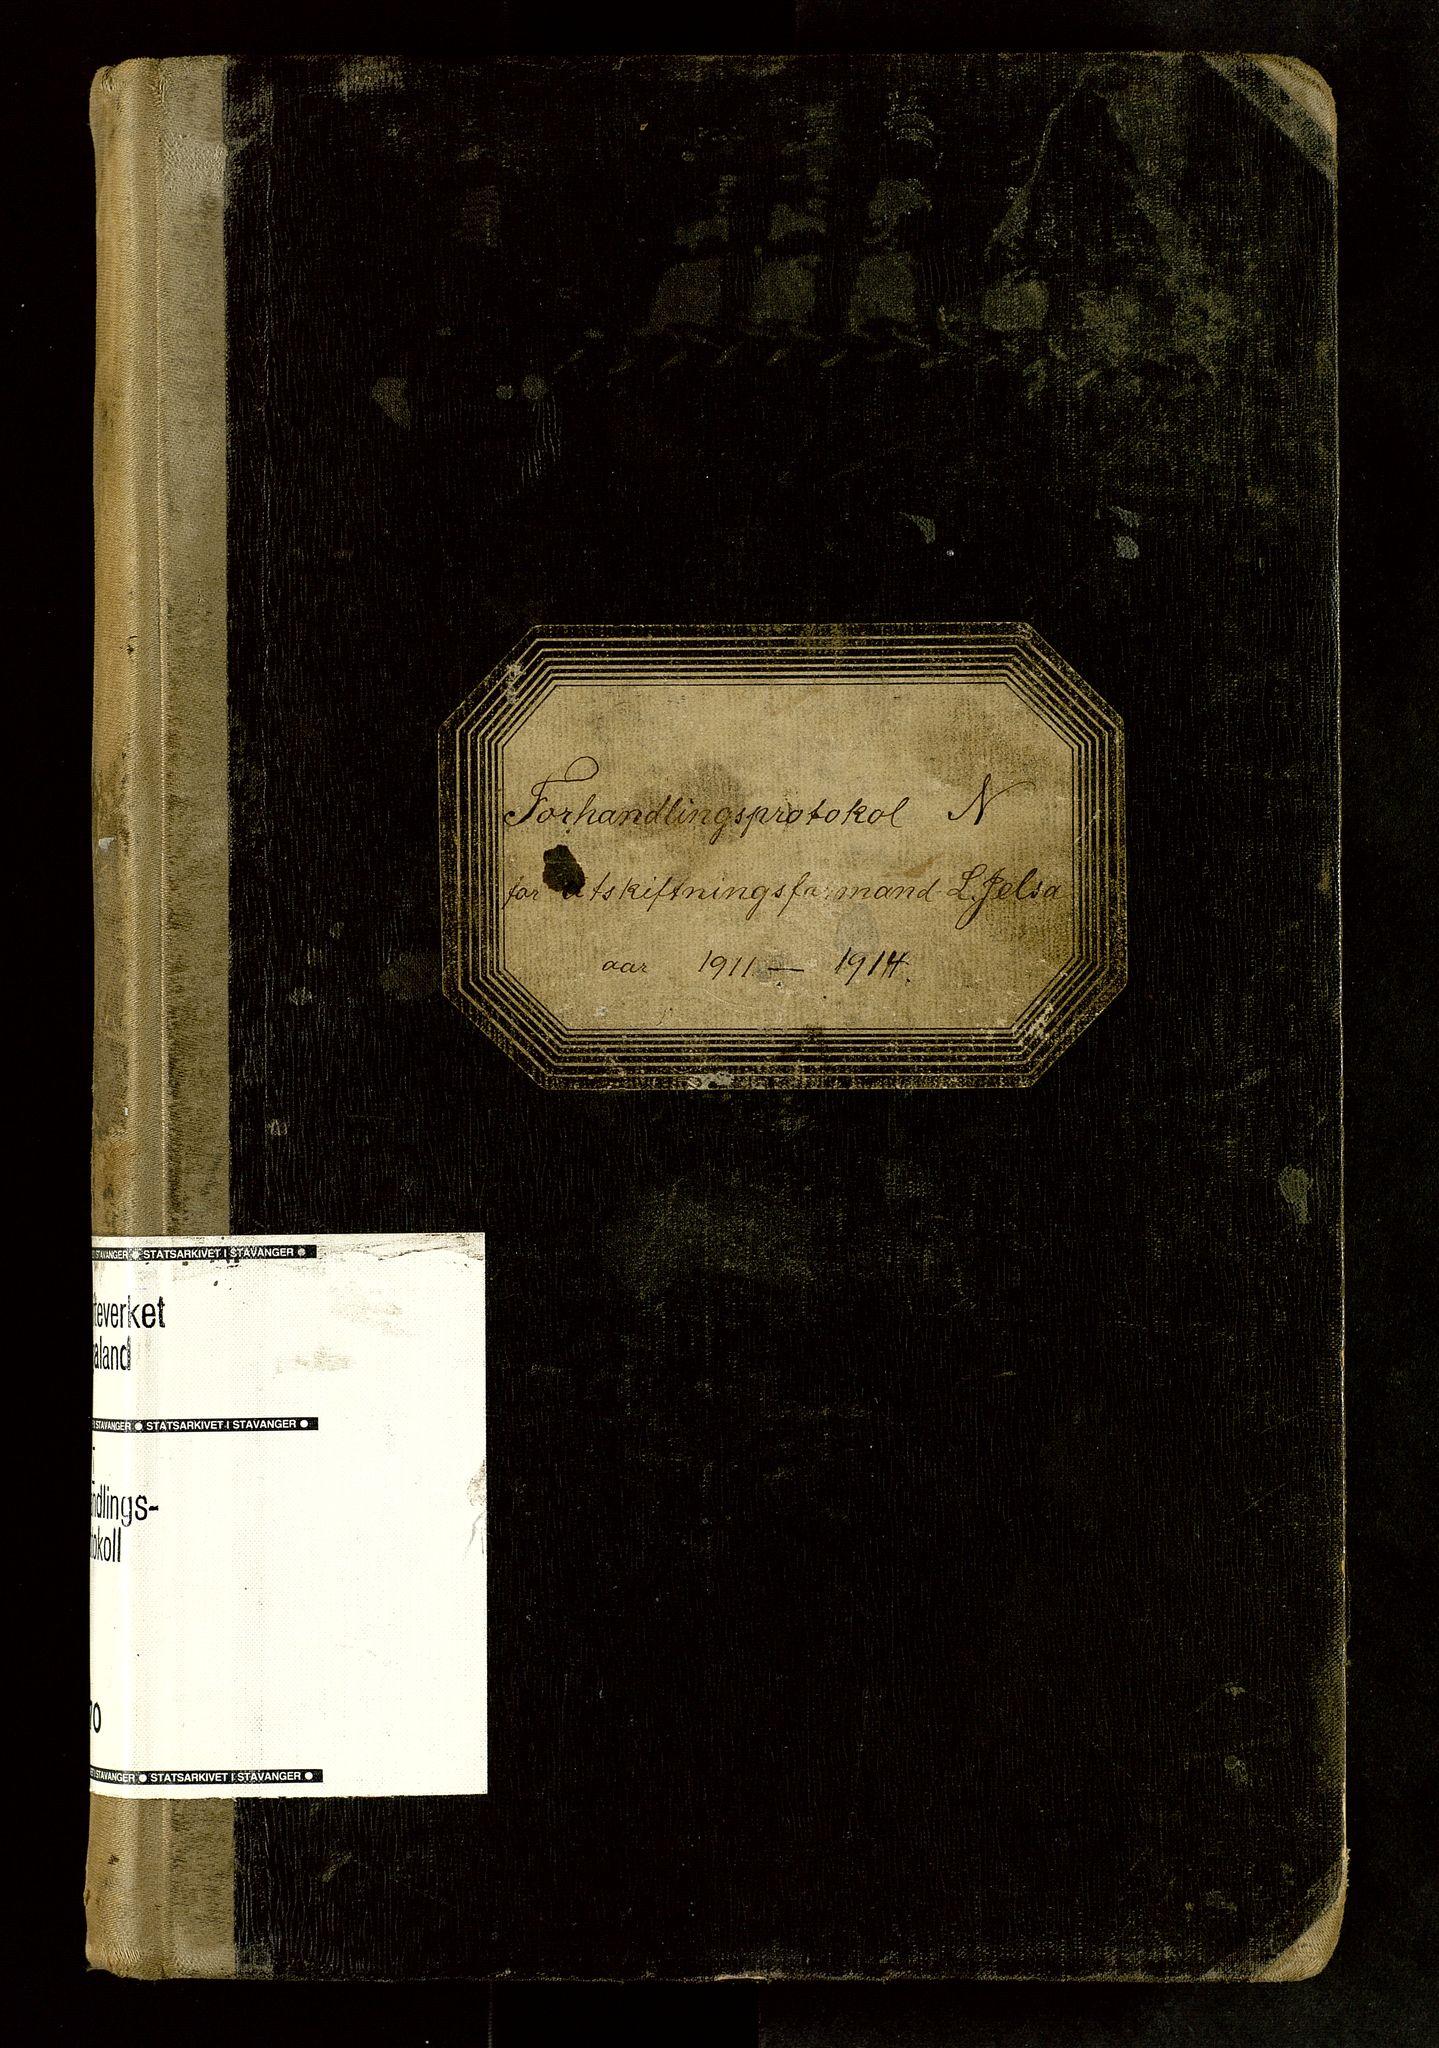 SAST, Rogaland jordskifterett, Oa/L0070: Forhandlingsprotokoll, 1911-1914